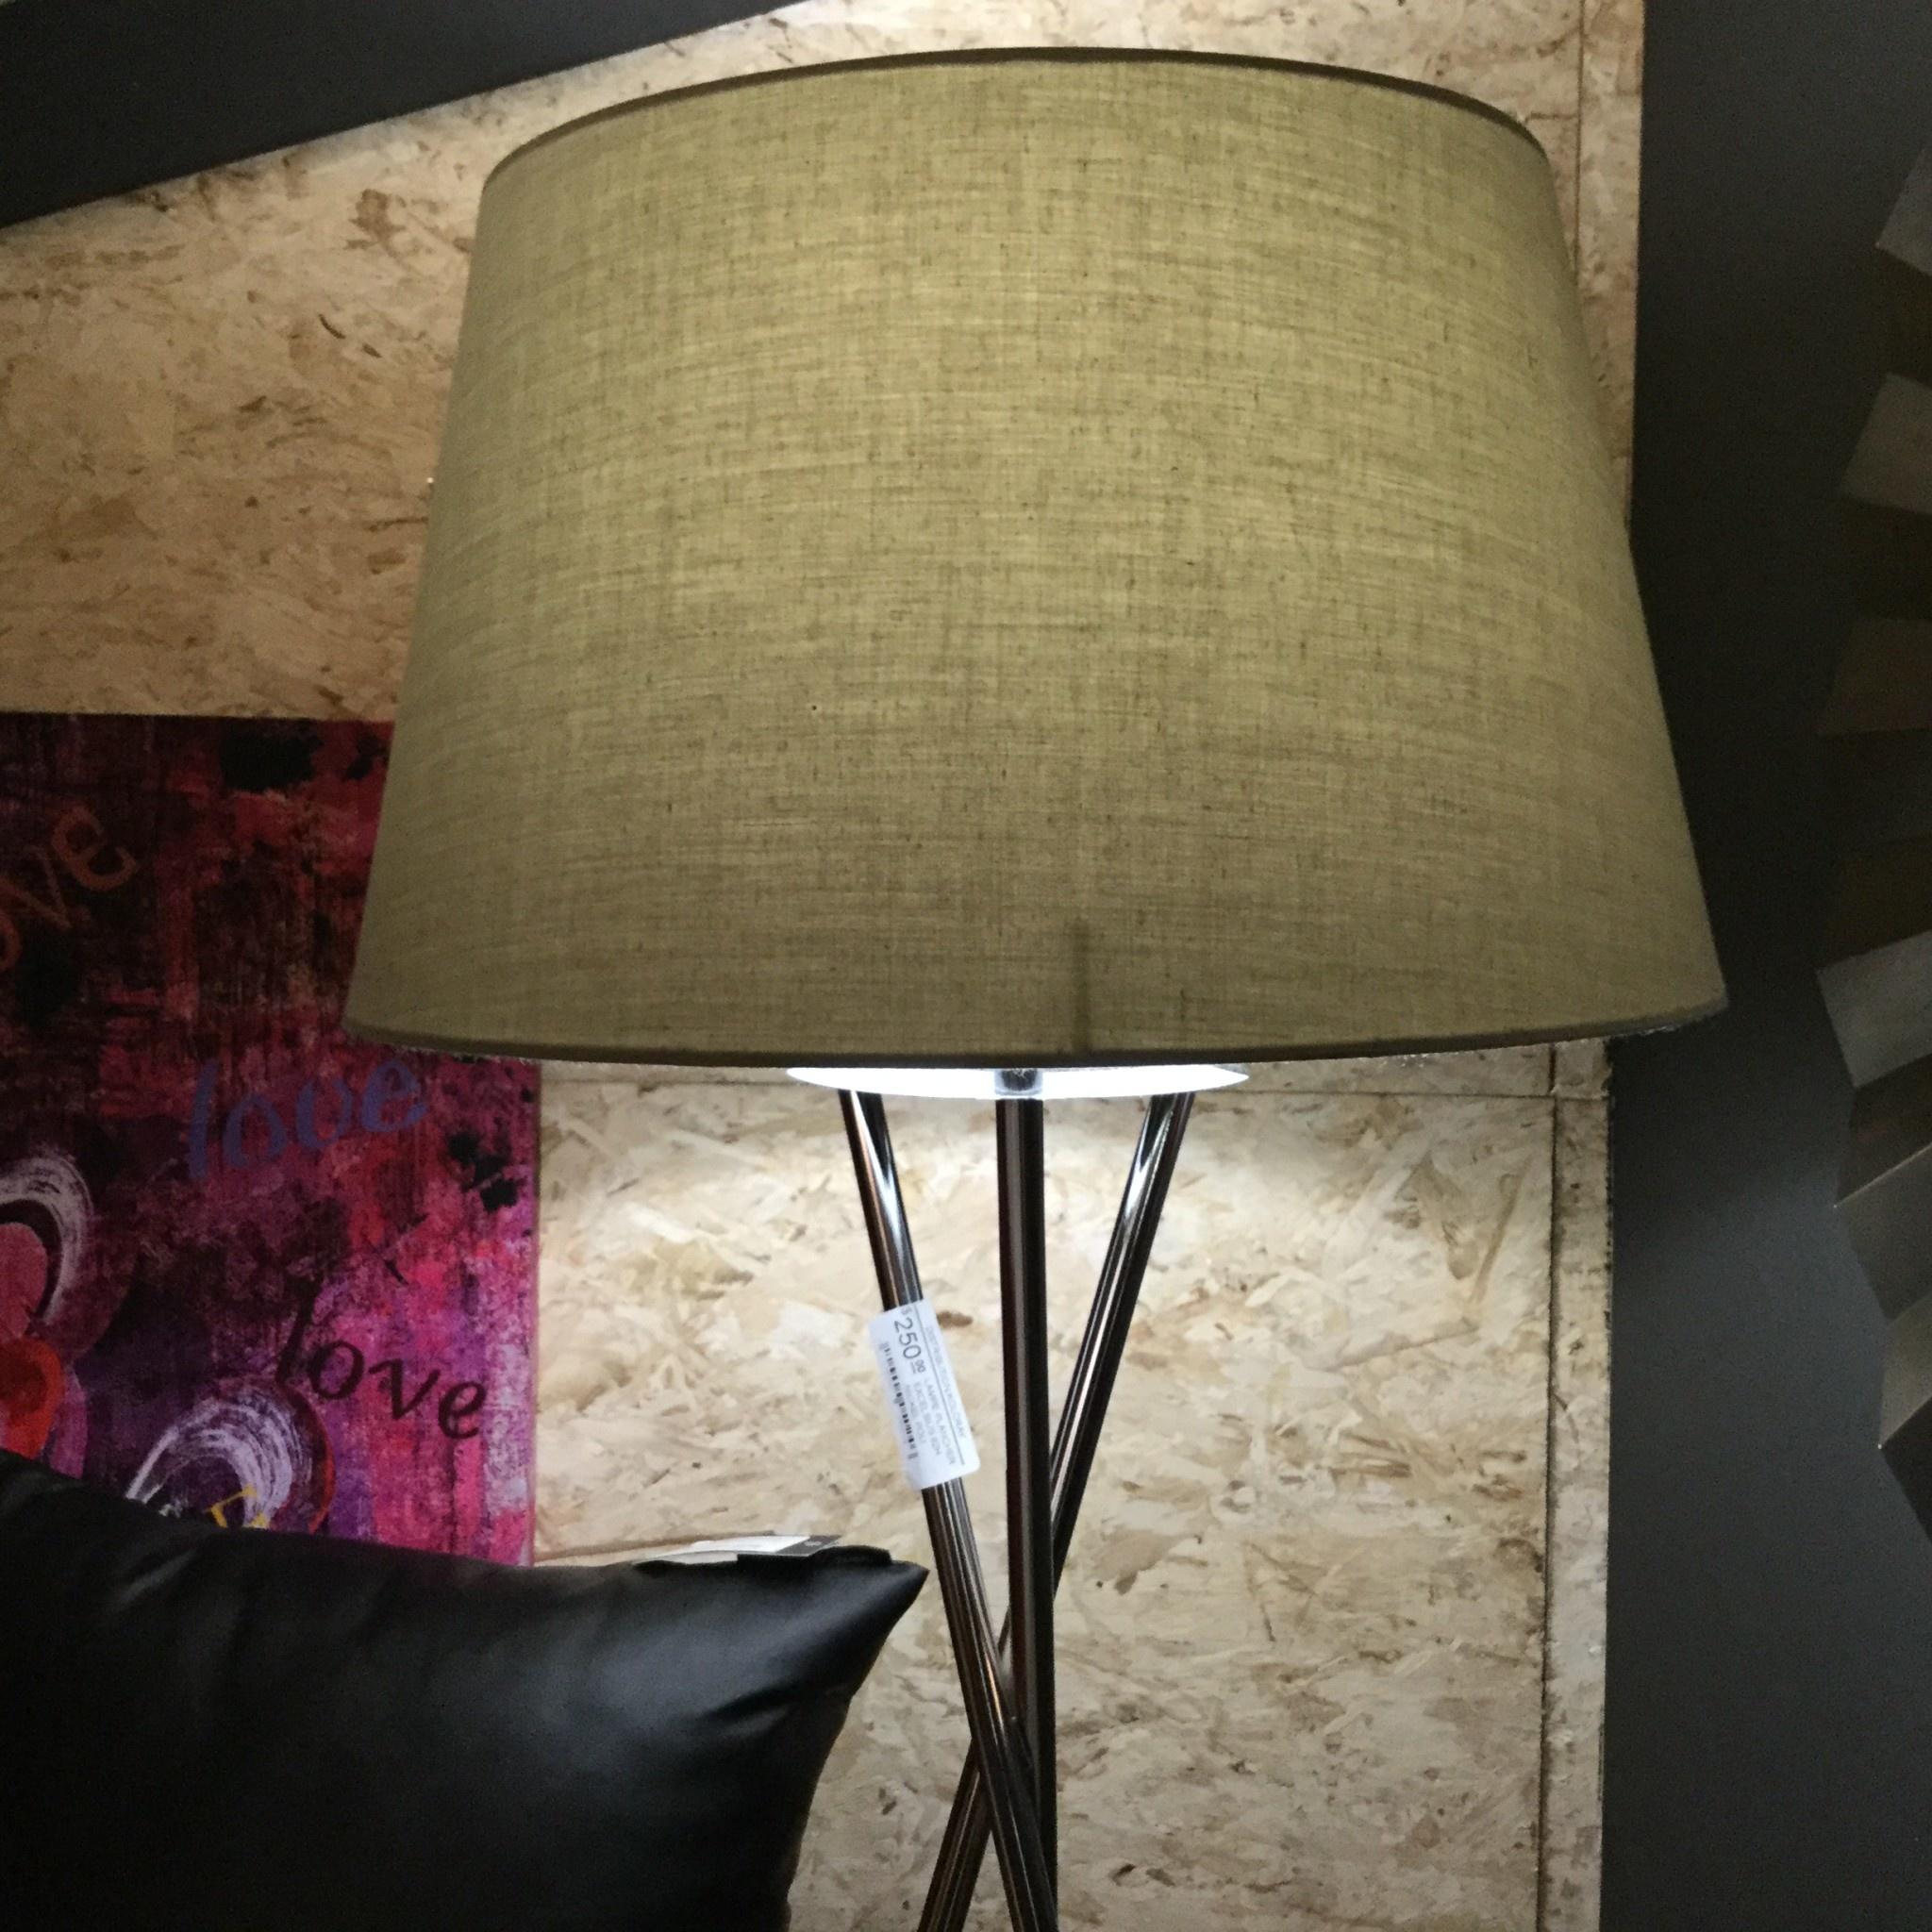 EXCELSIUS 62H LAMPE SUR PIED